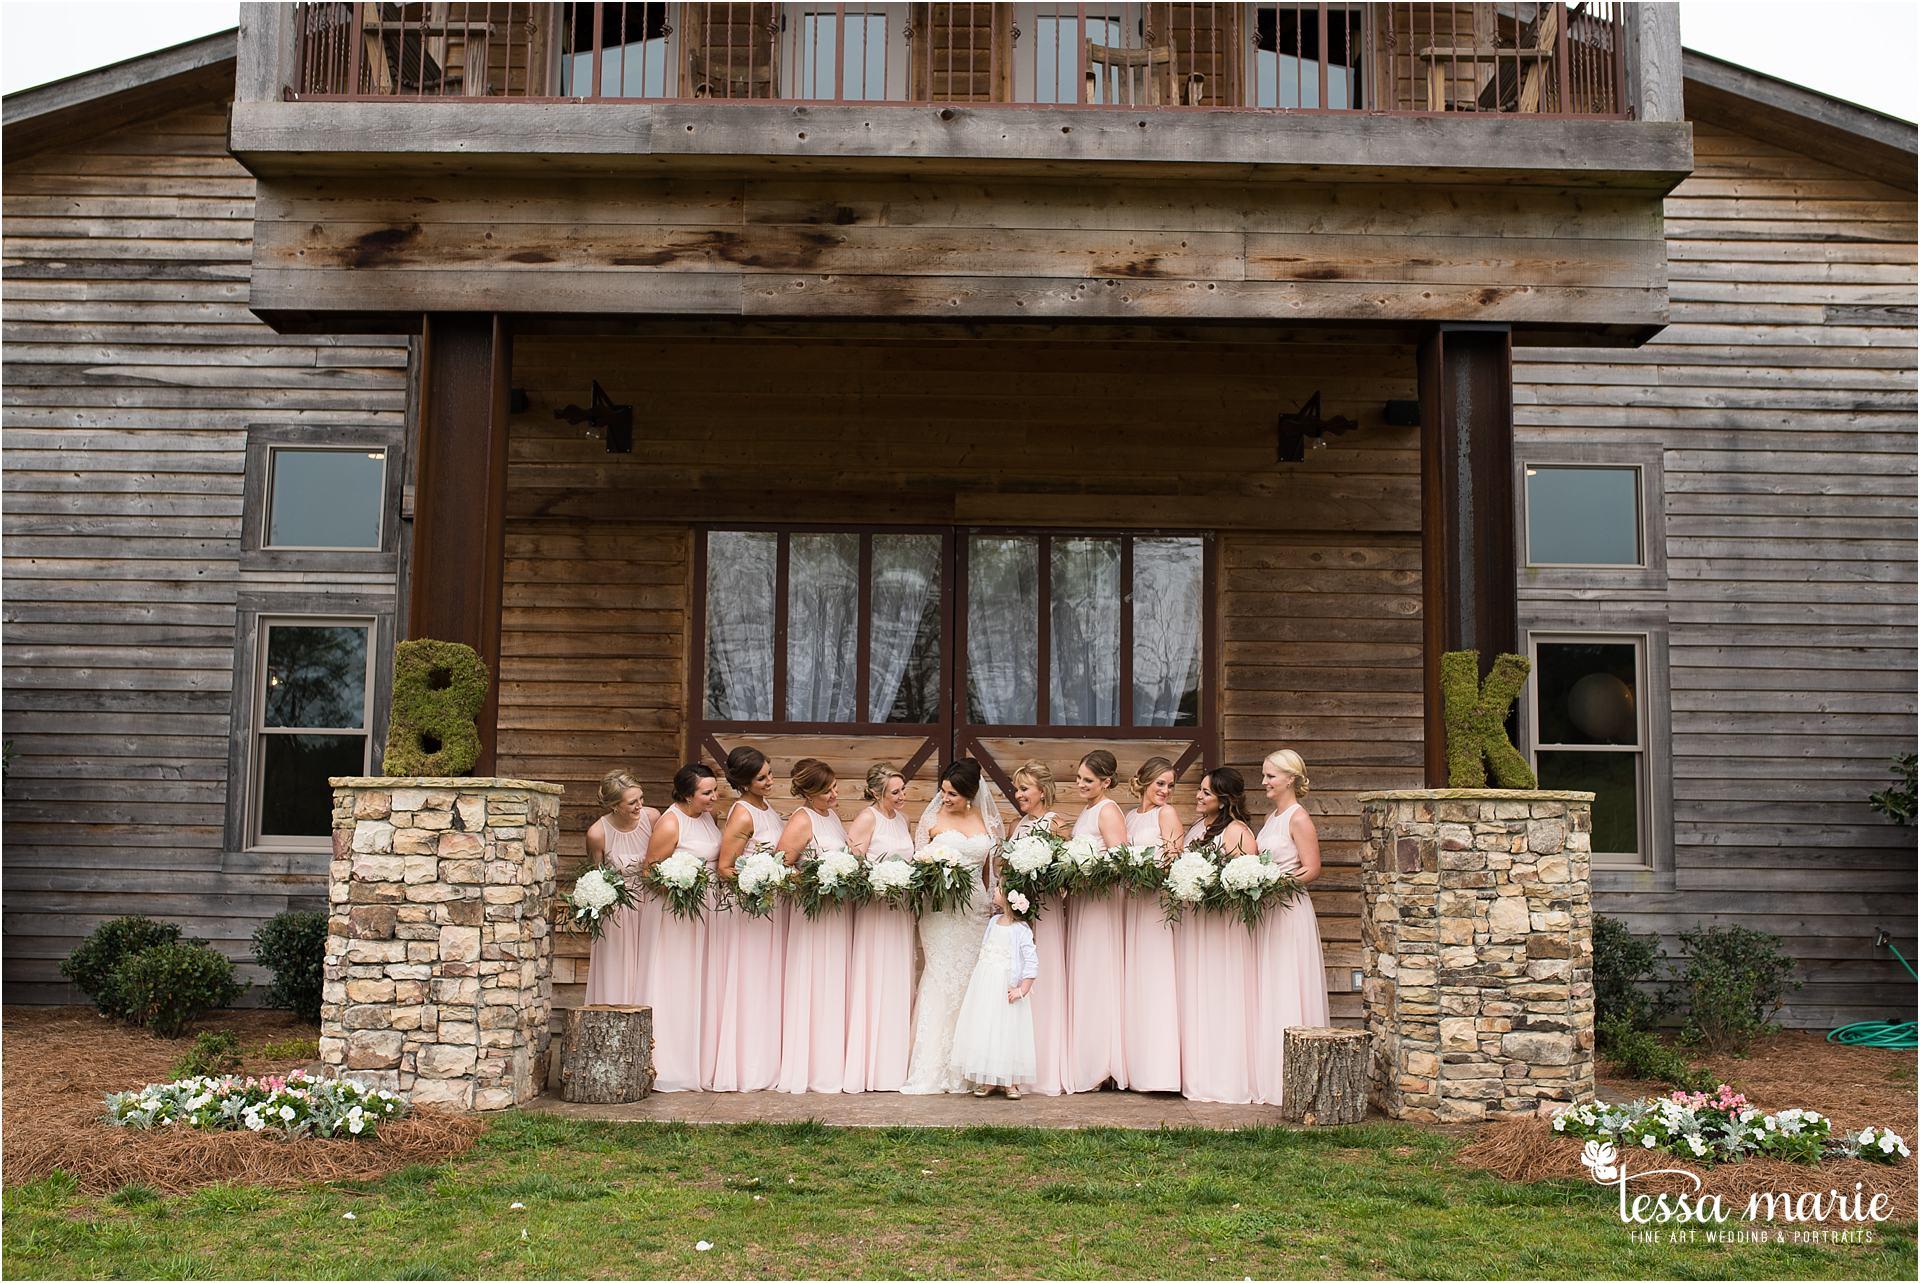 032216_brittany_kevin_wedding-46